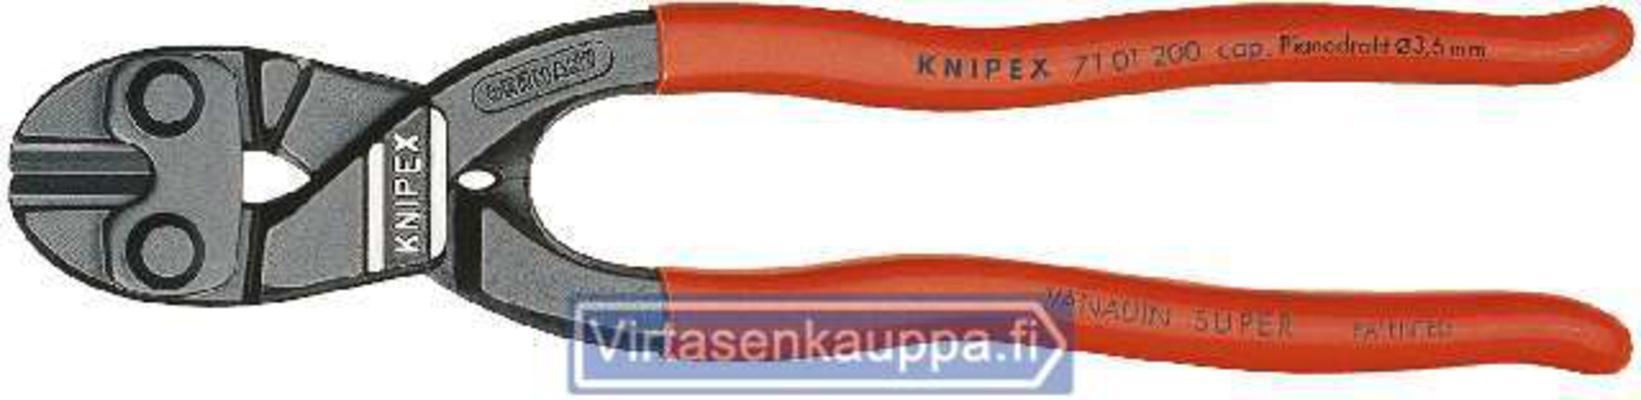 Voimaleikkurit 200 mm, Knipex - Voimaleikkurit 200 mm